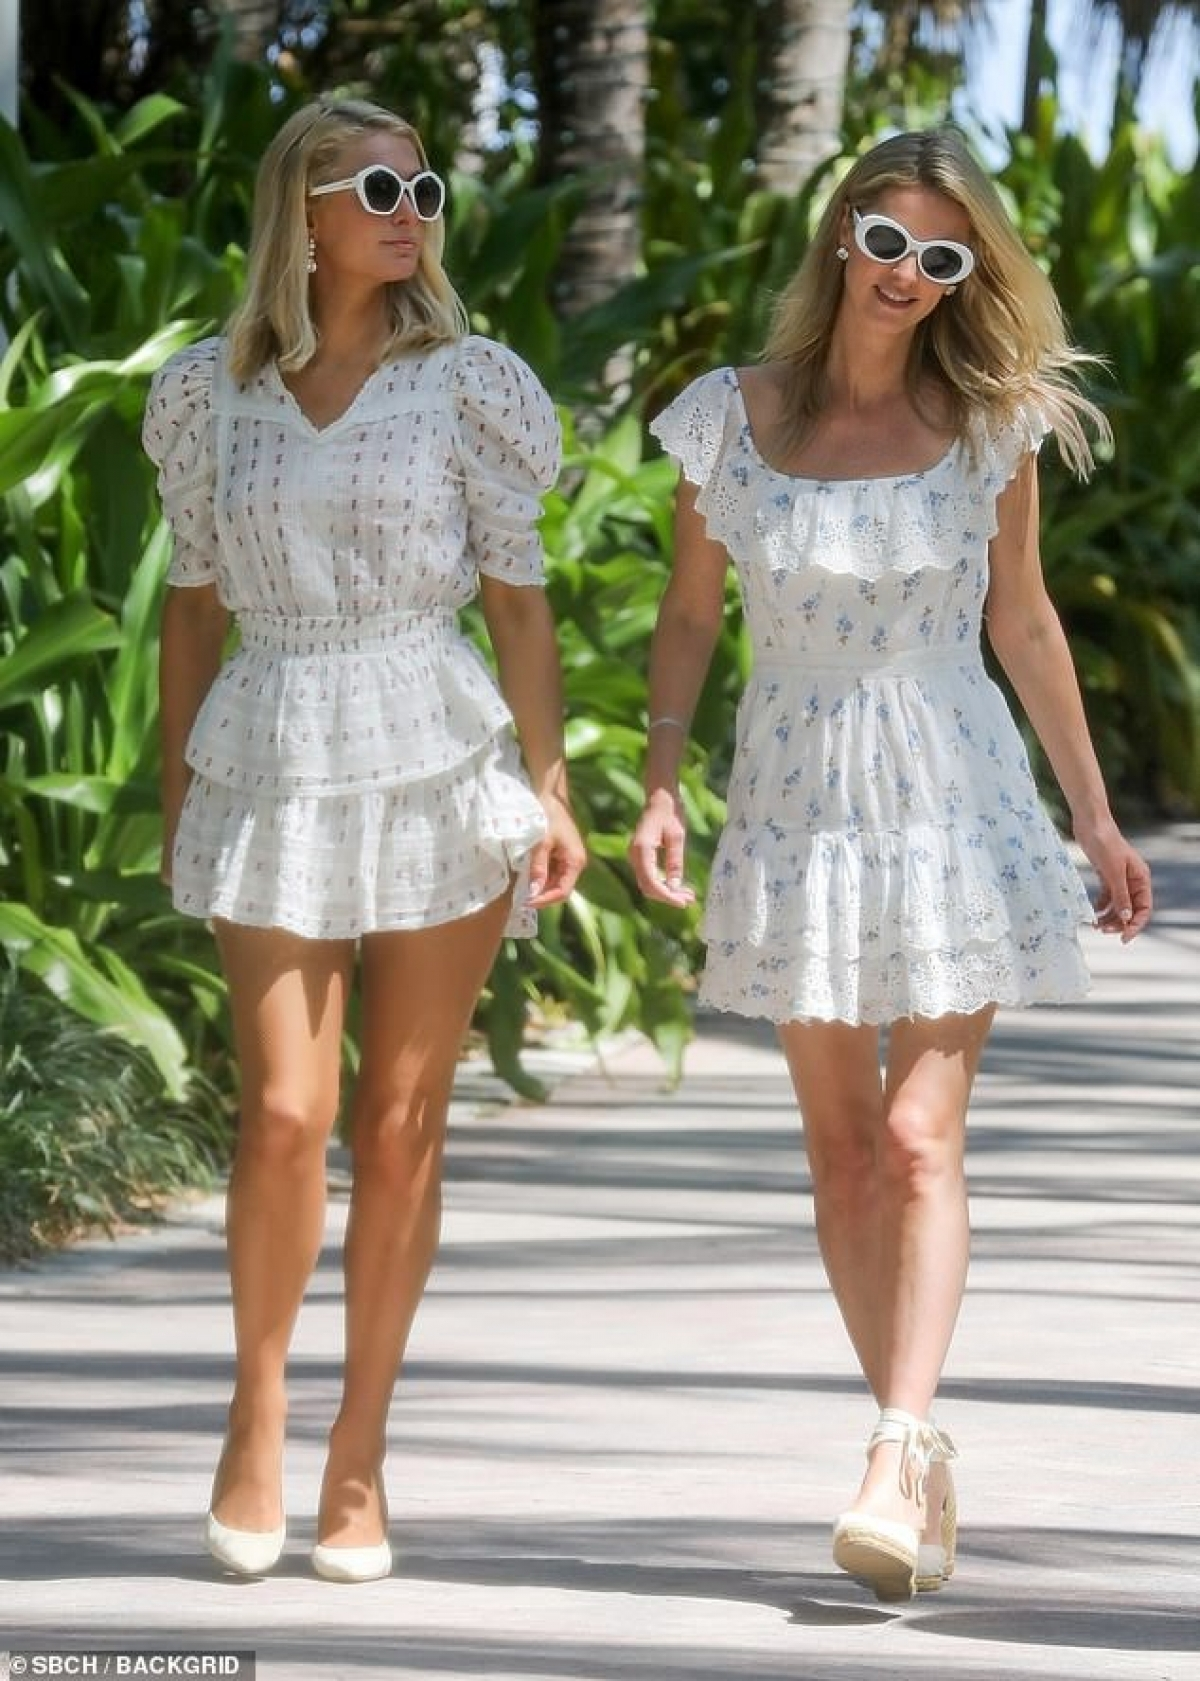 Thời điểm này, Paris Hilton ít xuất hiện cùng em gái Nicky Hilton do bận rộn với chuyện riêng tư.